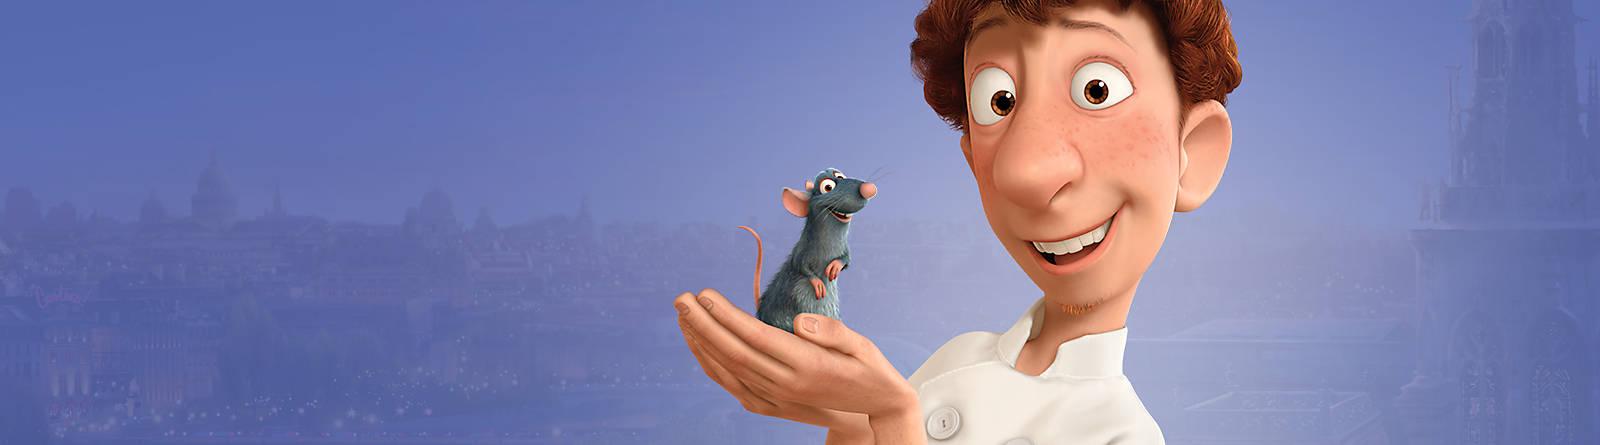 Ratatouille Suivez Rémy, petit chef du film Ratatouille, dans la cuisine de Gusteau ! Les produits à son effigie feront vibrer vos papilles !